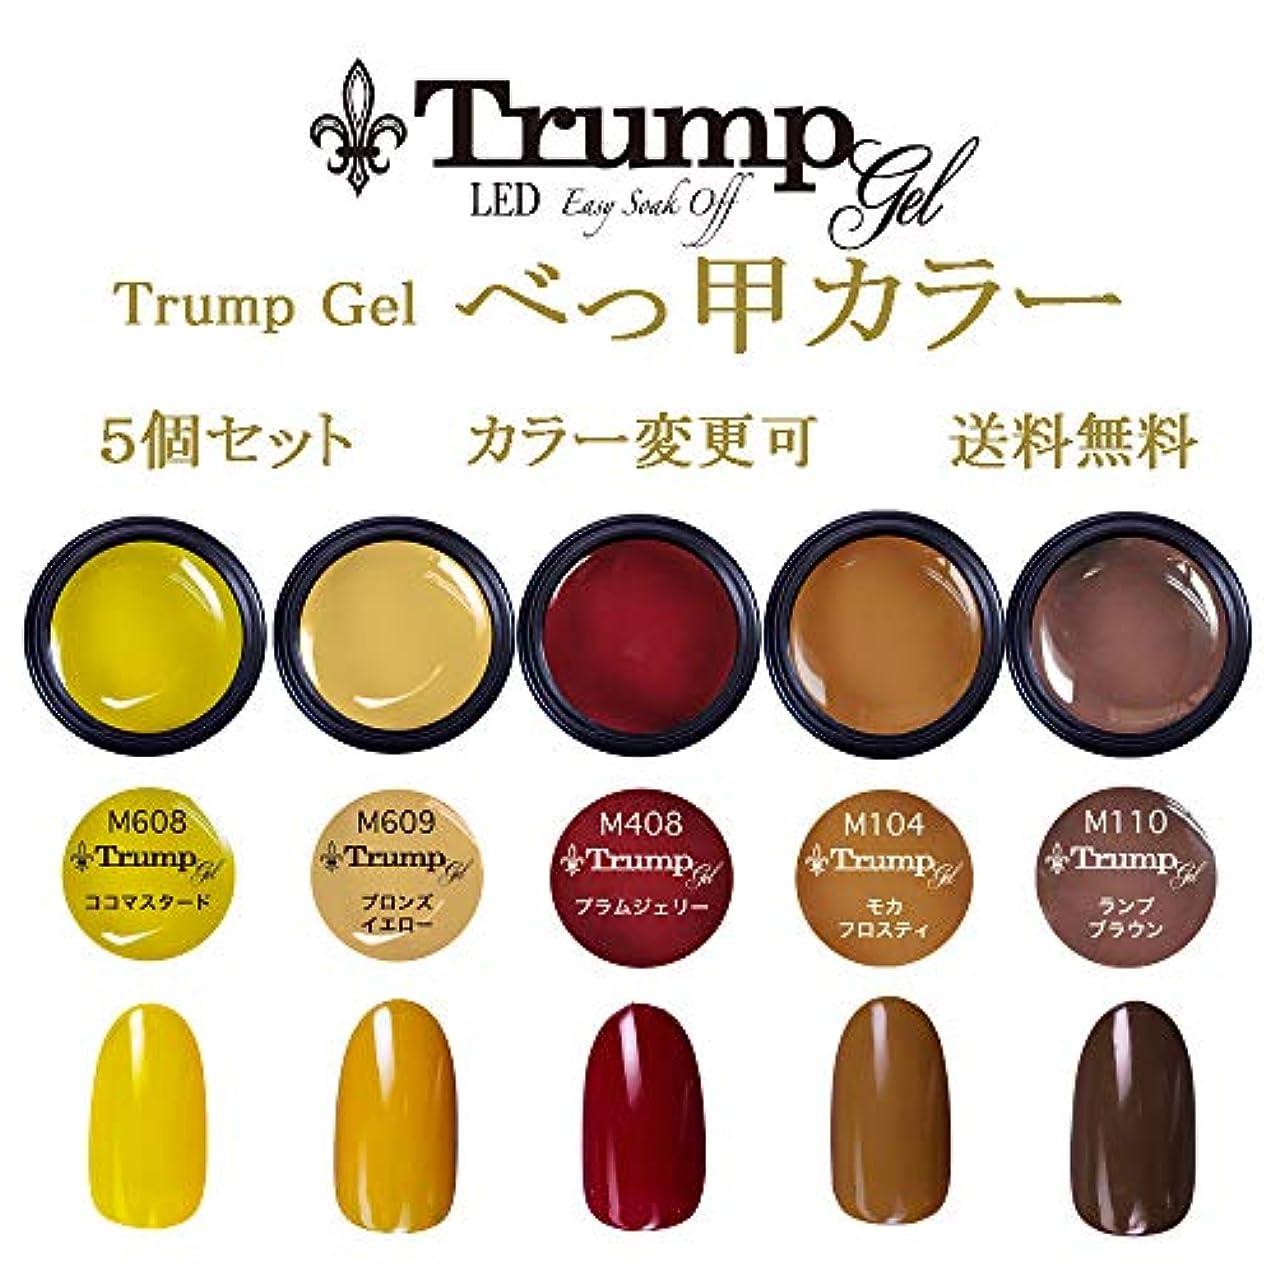 すずめレイアウト道徳教育日本製 Trump gel トランプジェル べっ甲 ネイルカラー 選べる カラージェル 5個セット イエロー ブラウン ワイン べっこう